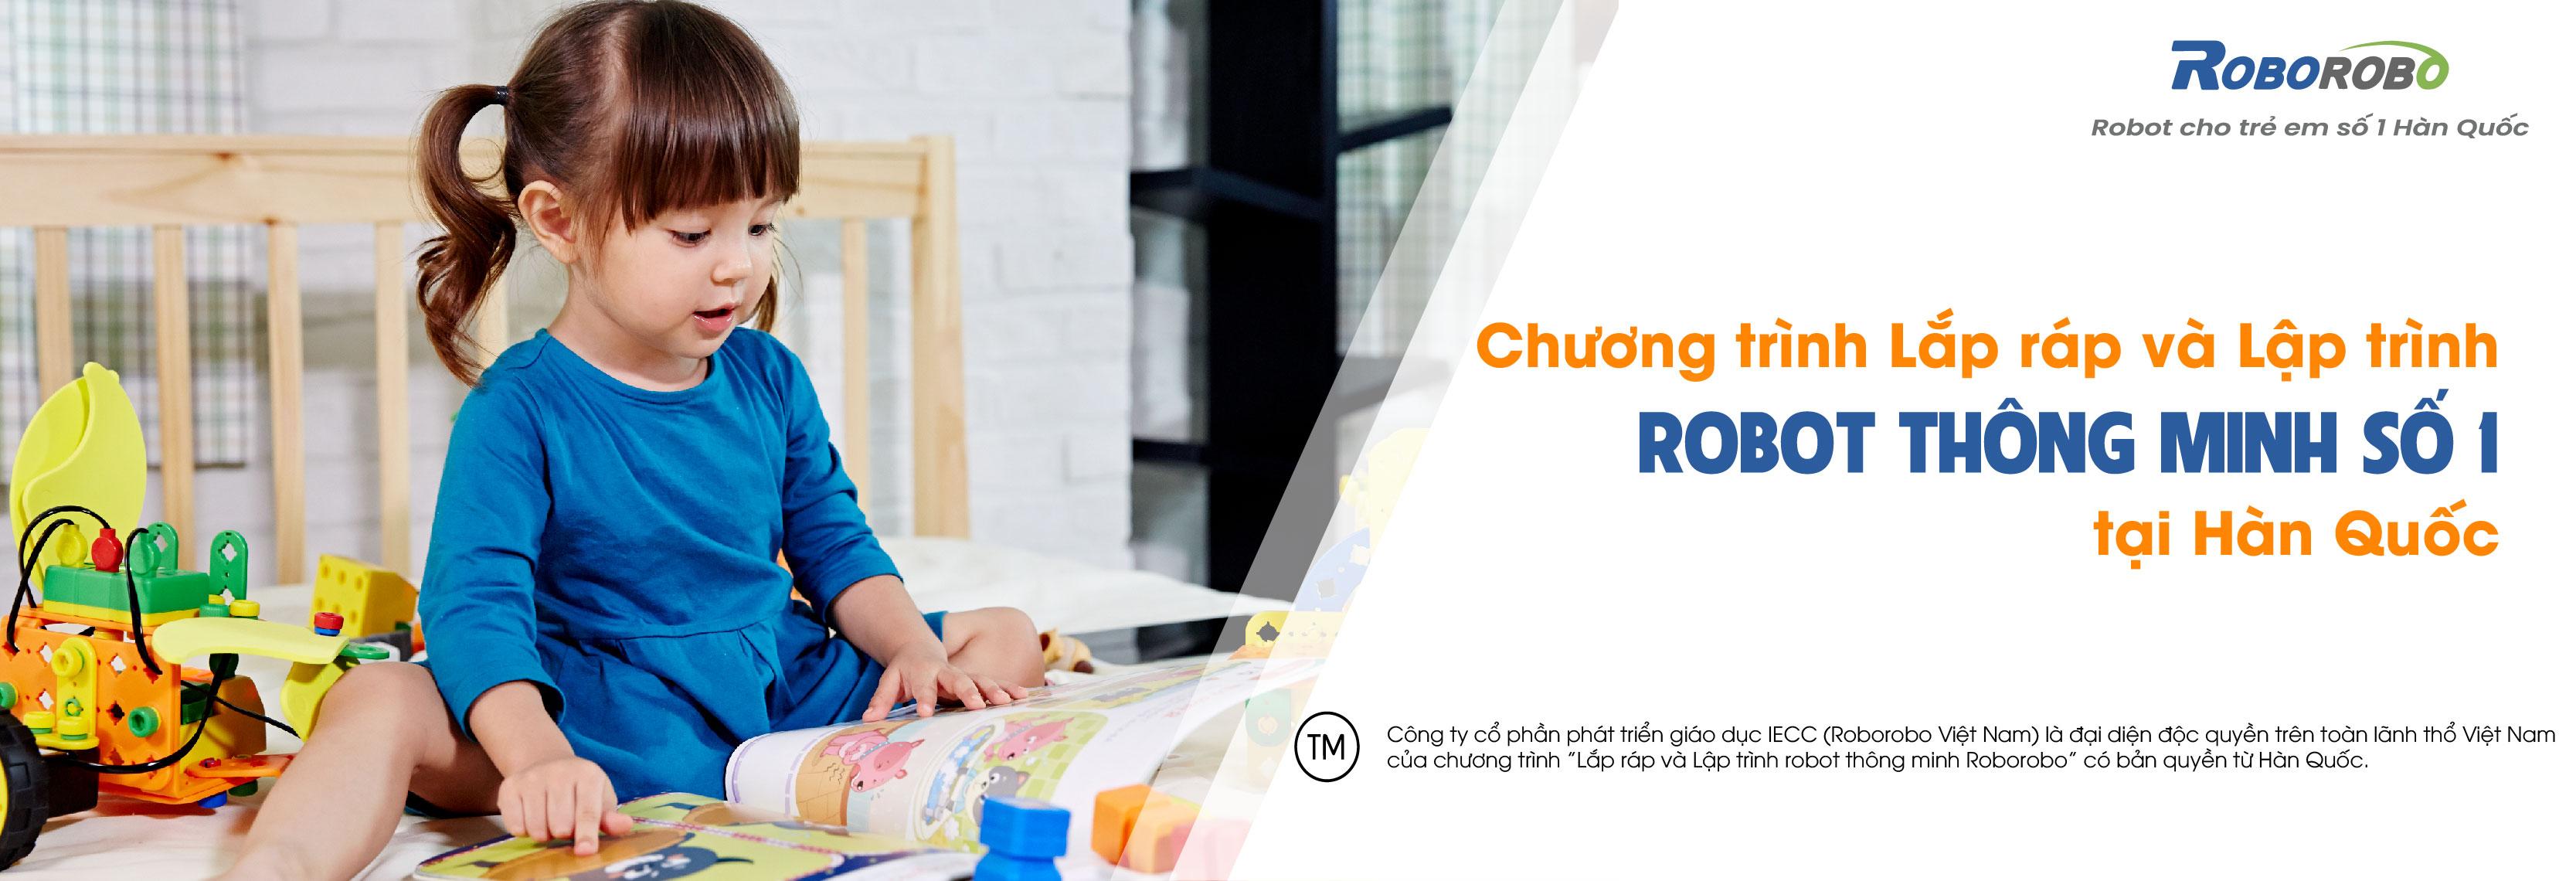 ROBOROBO - THUONG HIEU SO 1 HAN QUOC